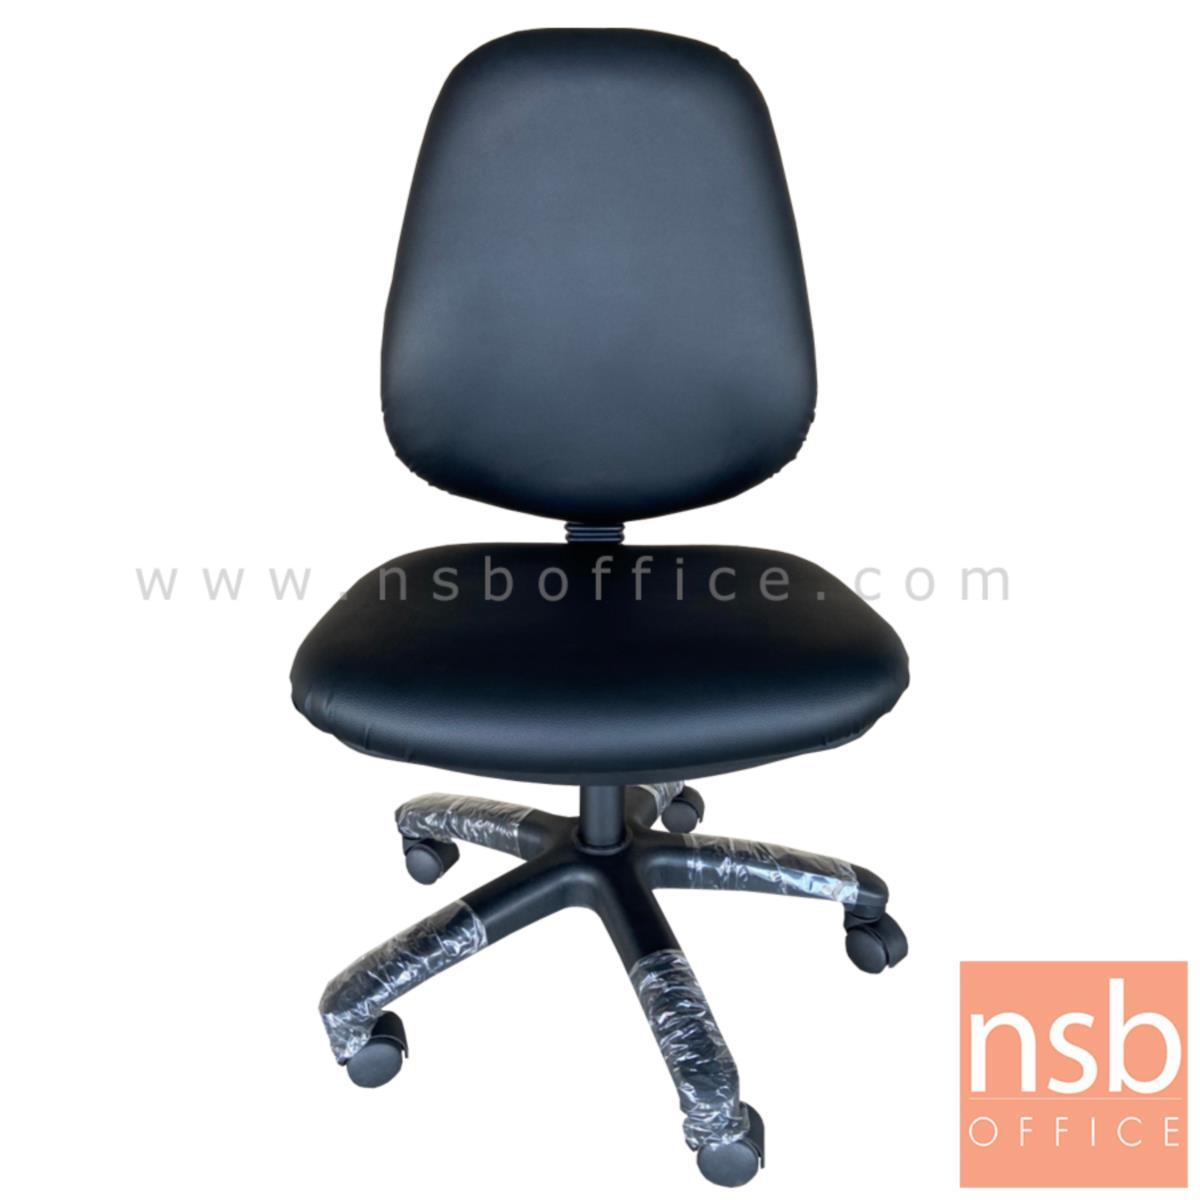 เก้าอี้สำนักงานไม่มีแขน รุ่น Payton (เพย์ตัน) ขาพลาสติก